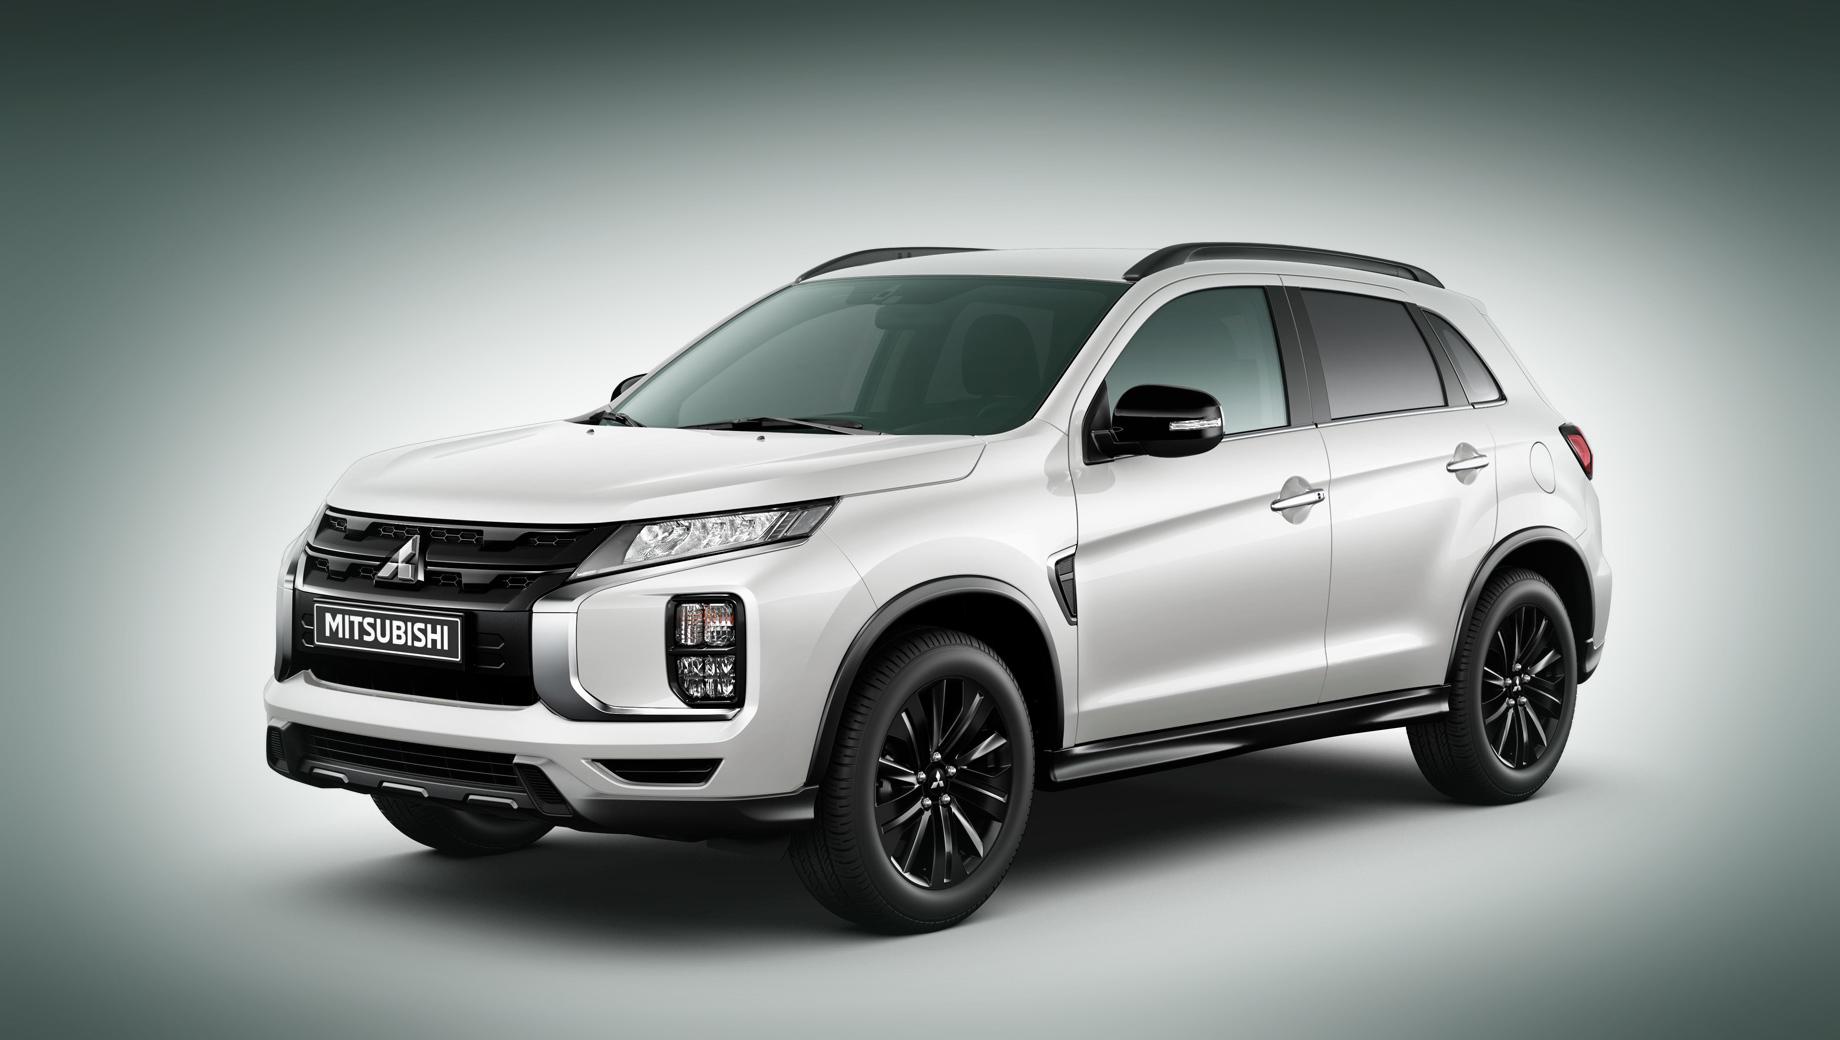 Mitsubishi asx. Внешне серию отличают чёрные решётка радиатора, зеркала и легкосплавные колёсные диски (18 дюймов). За цвет «белый перламутр» доплата — 22 000. Есть также серый и чёрный варианты окраски кузова.